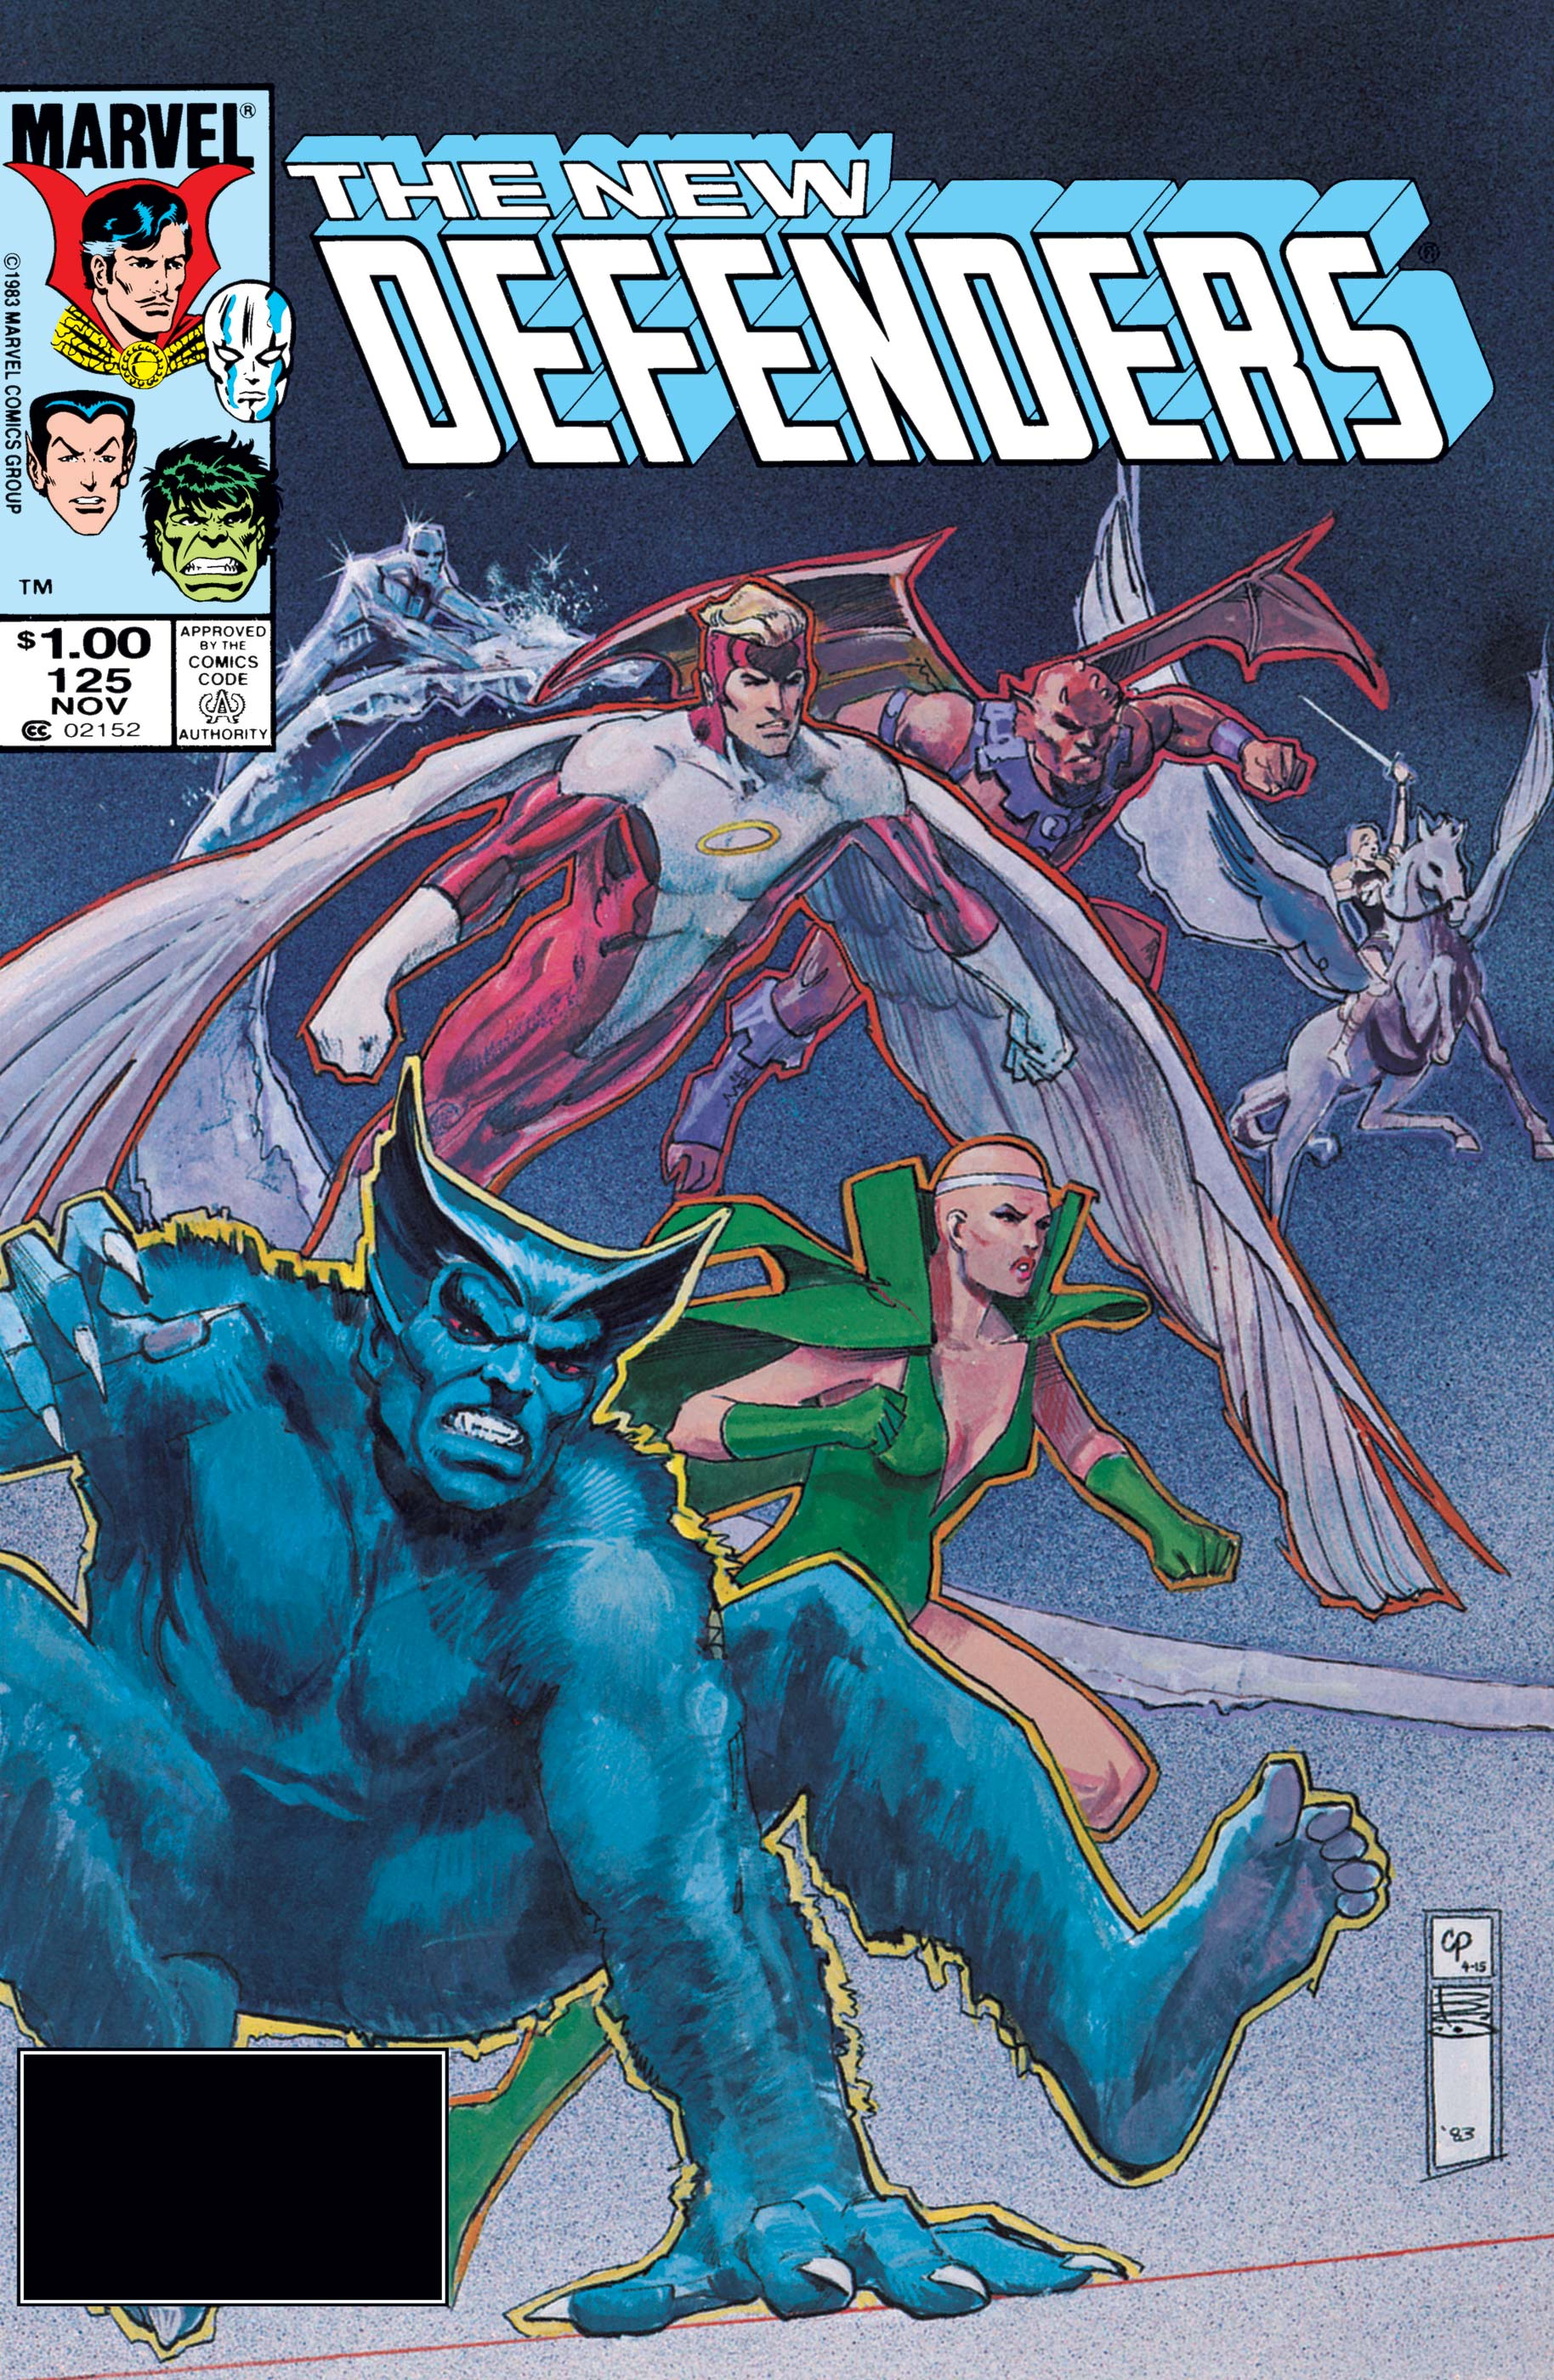 Defenders (1972) #125